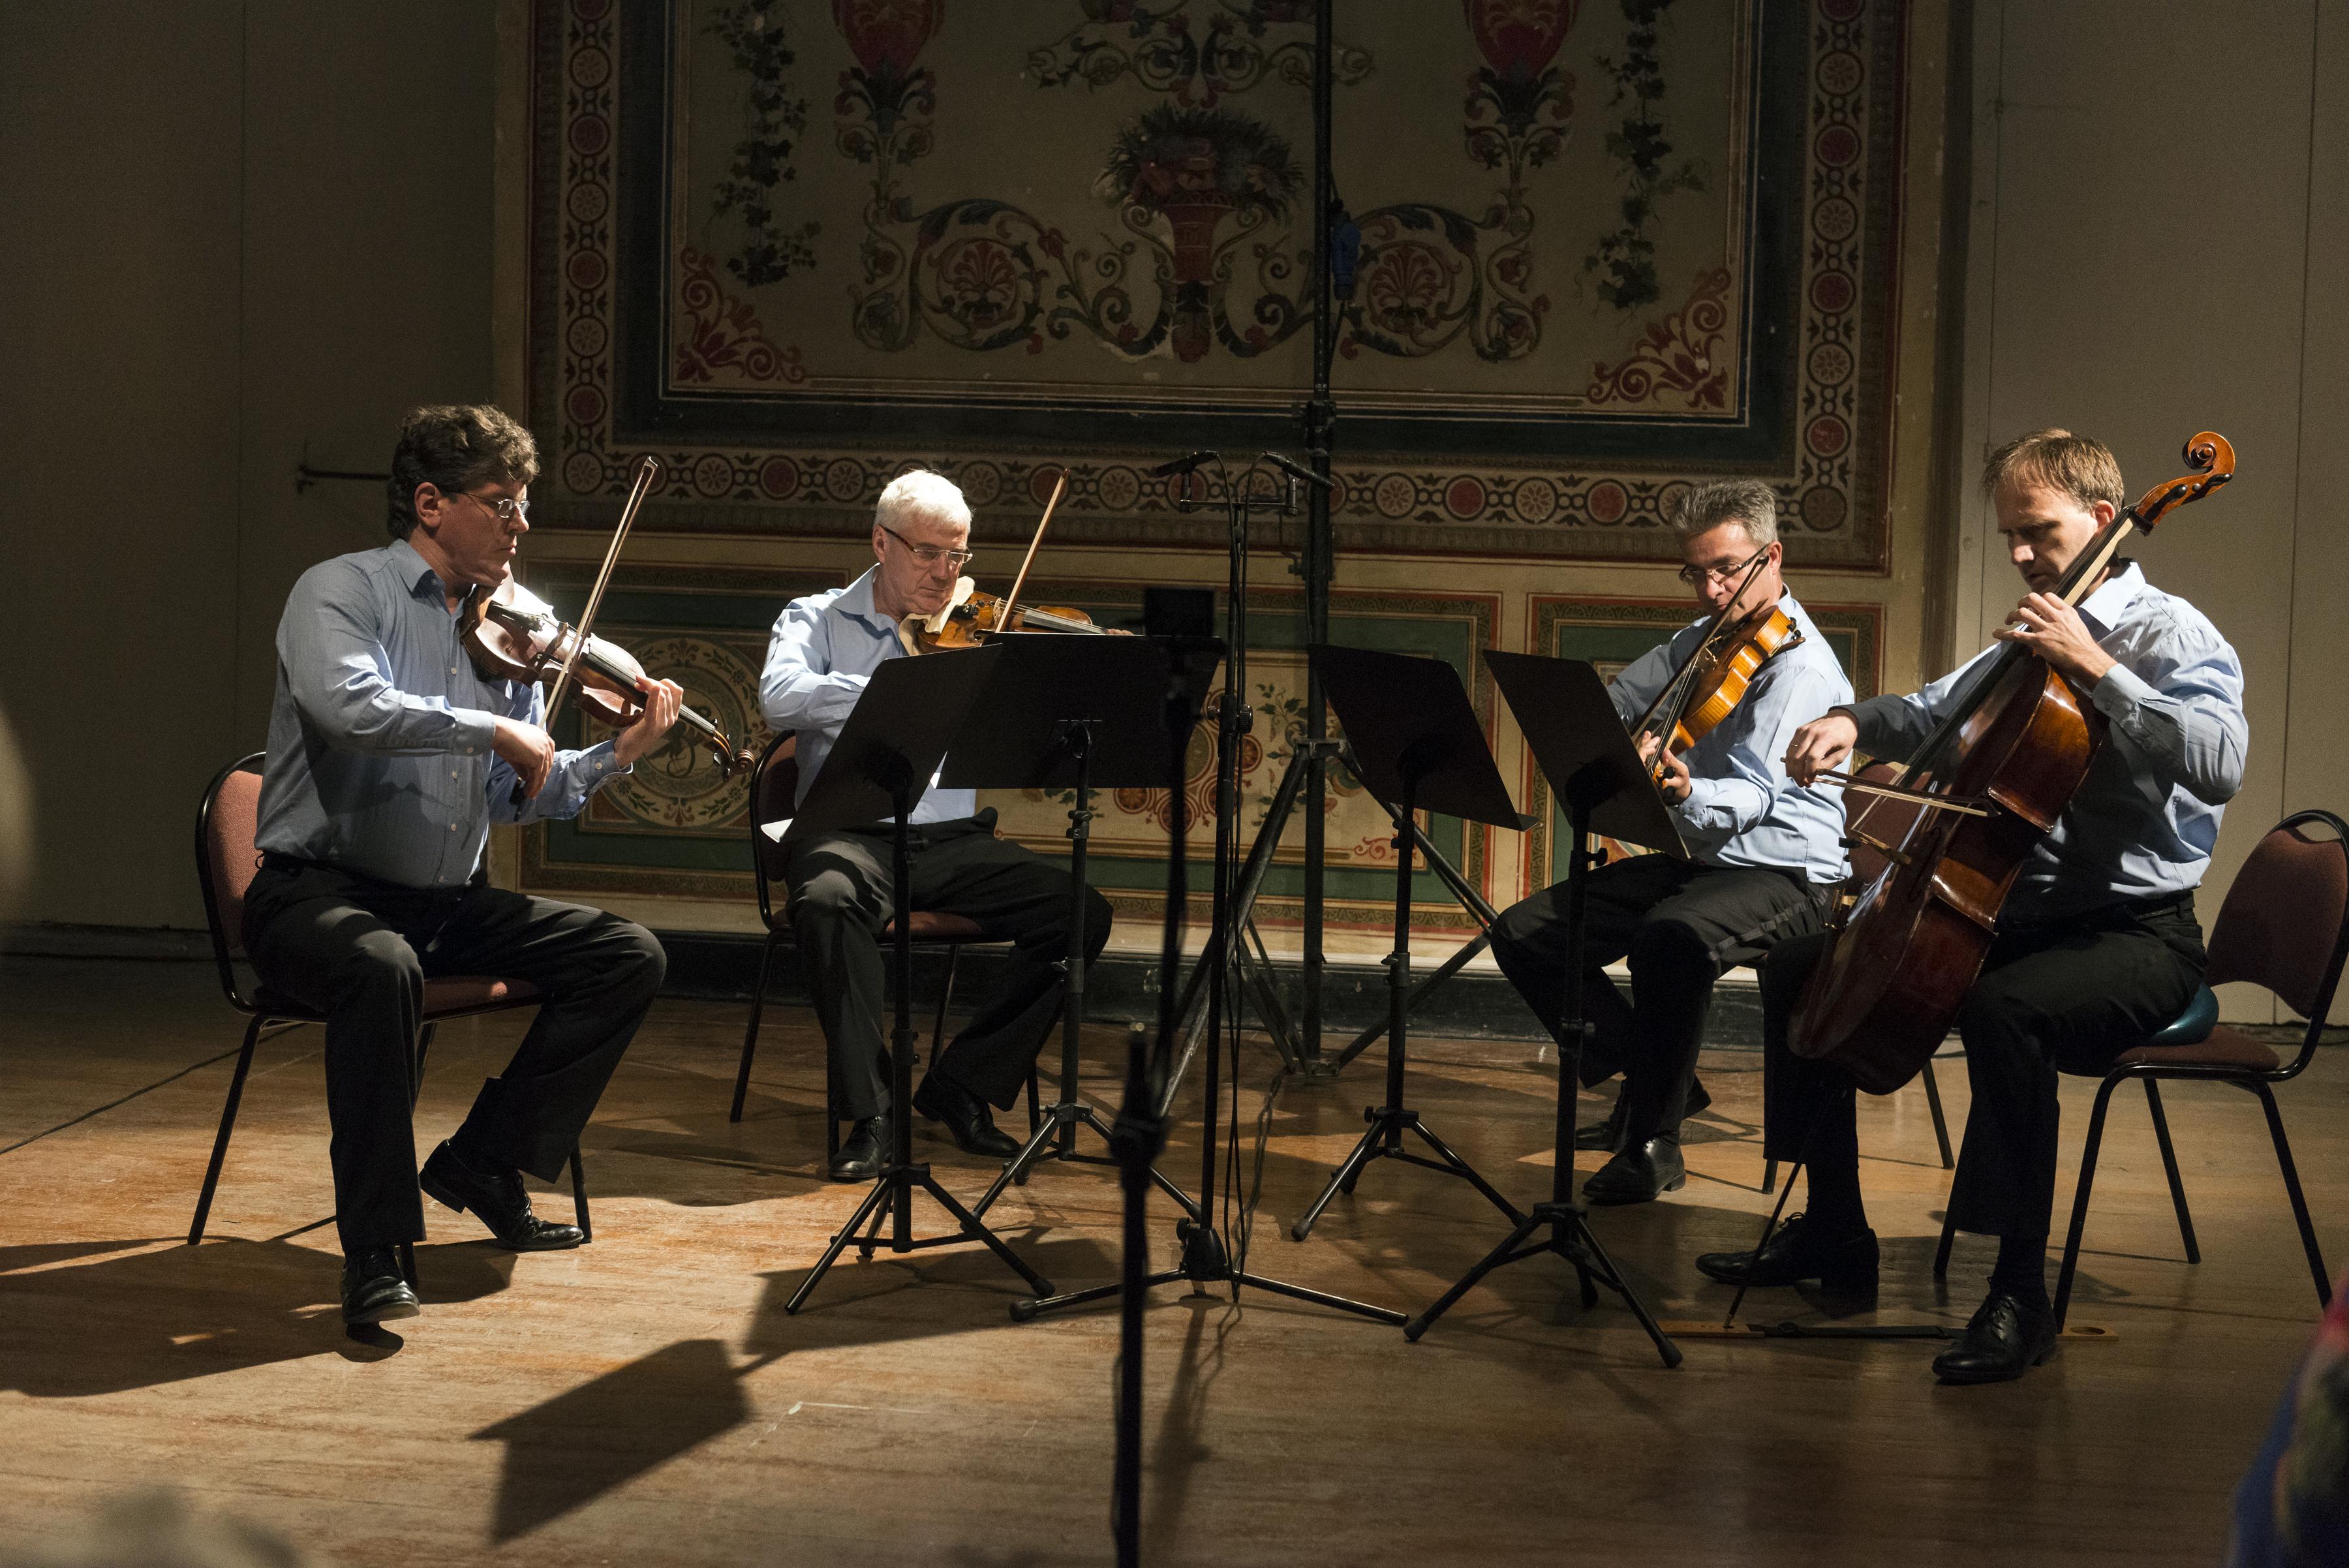 Tuesday 7 April - Somogyi String Quartet